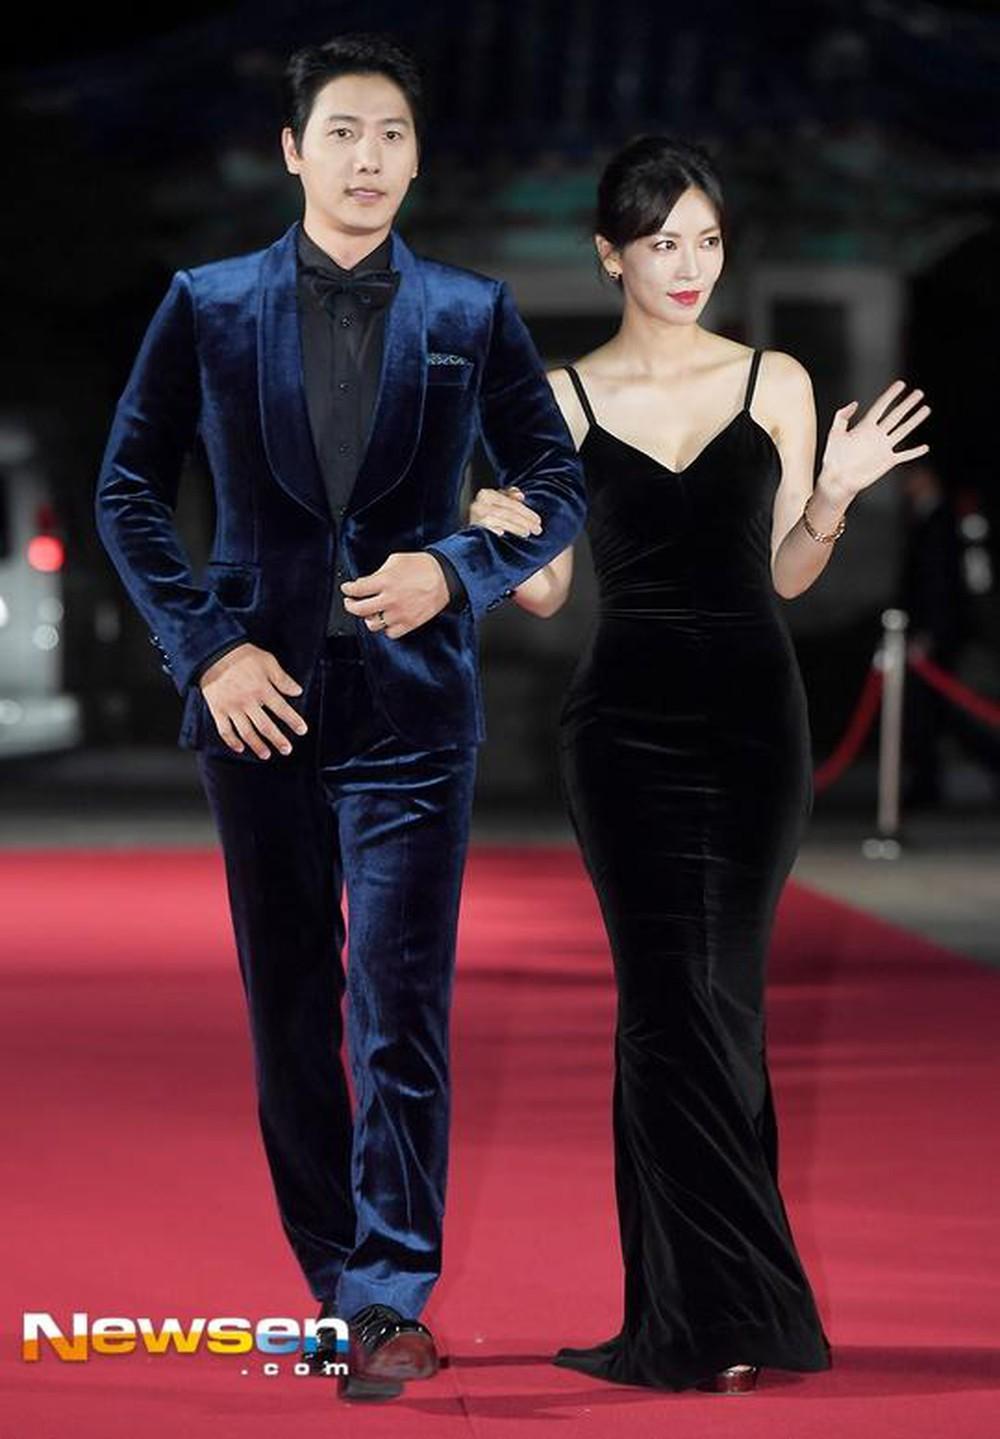 """Chẳng ngờ """"Ác nữ Penthouse"""" Kim So Yeon từng lên đồ táo bạo tột bậc, style hack dáng nhưng phản cảm đi vào lịch sử - Ảnh 10."""